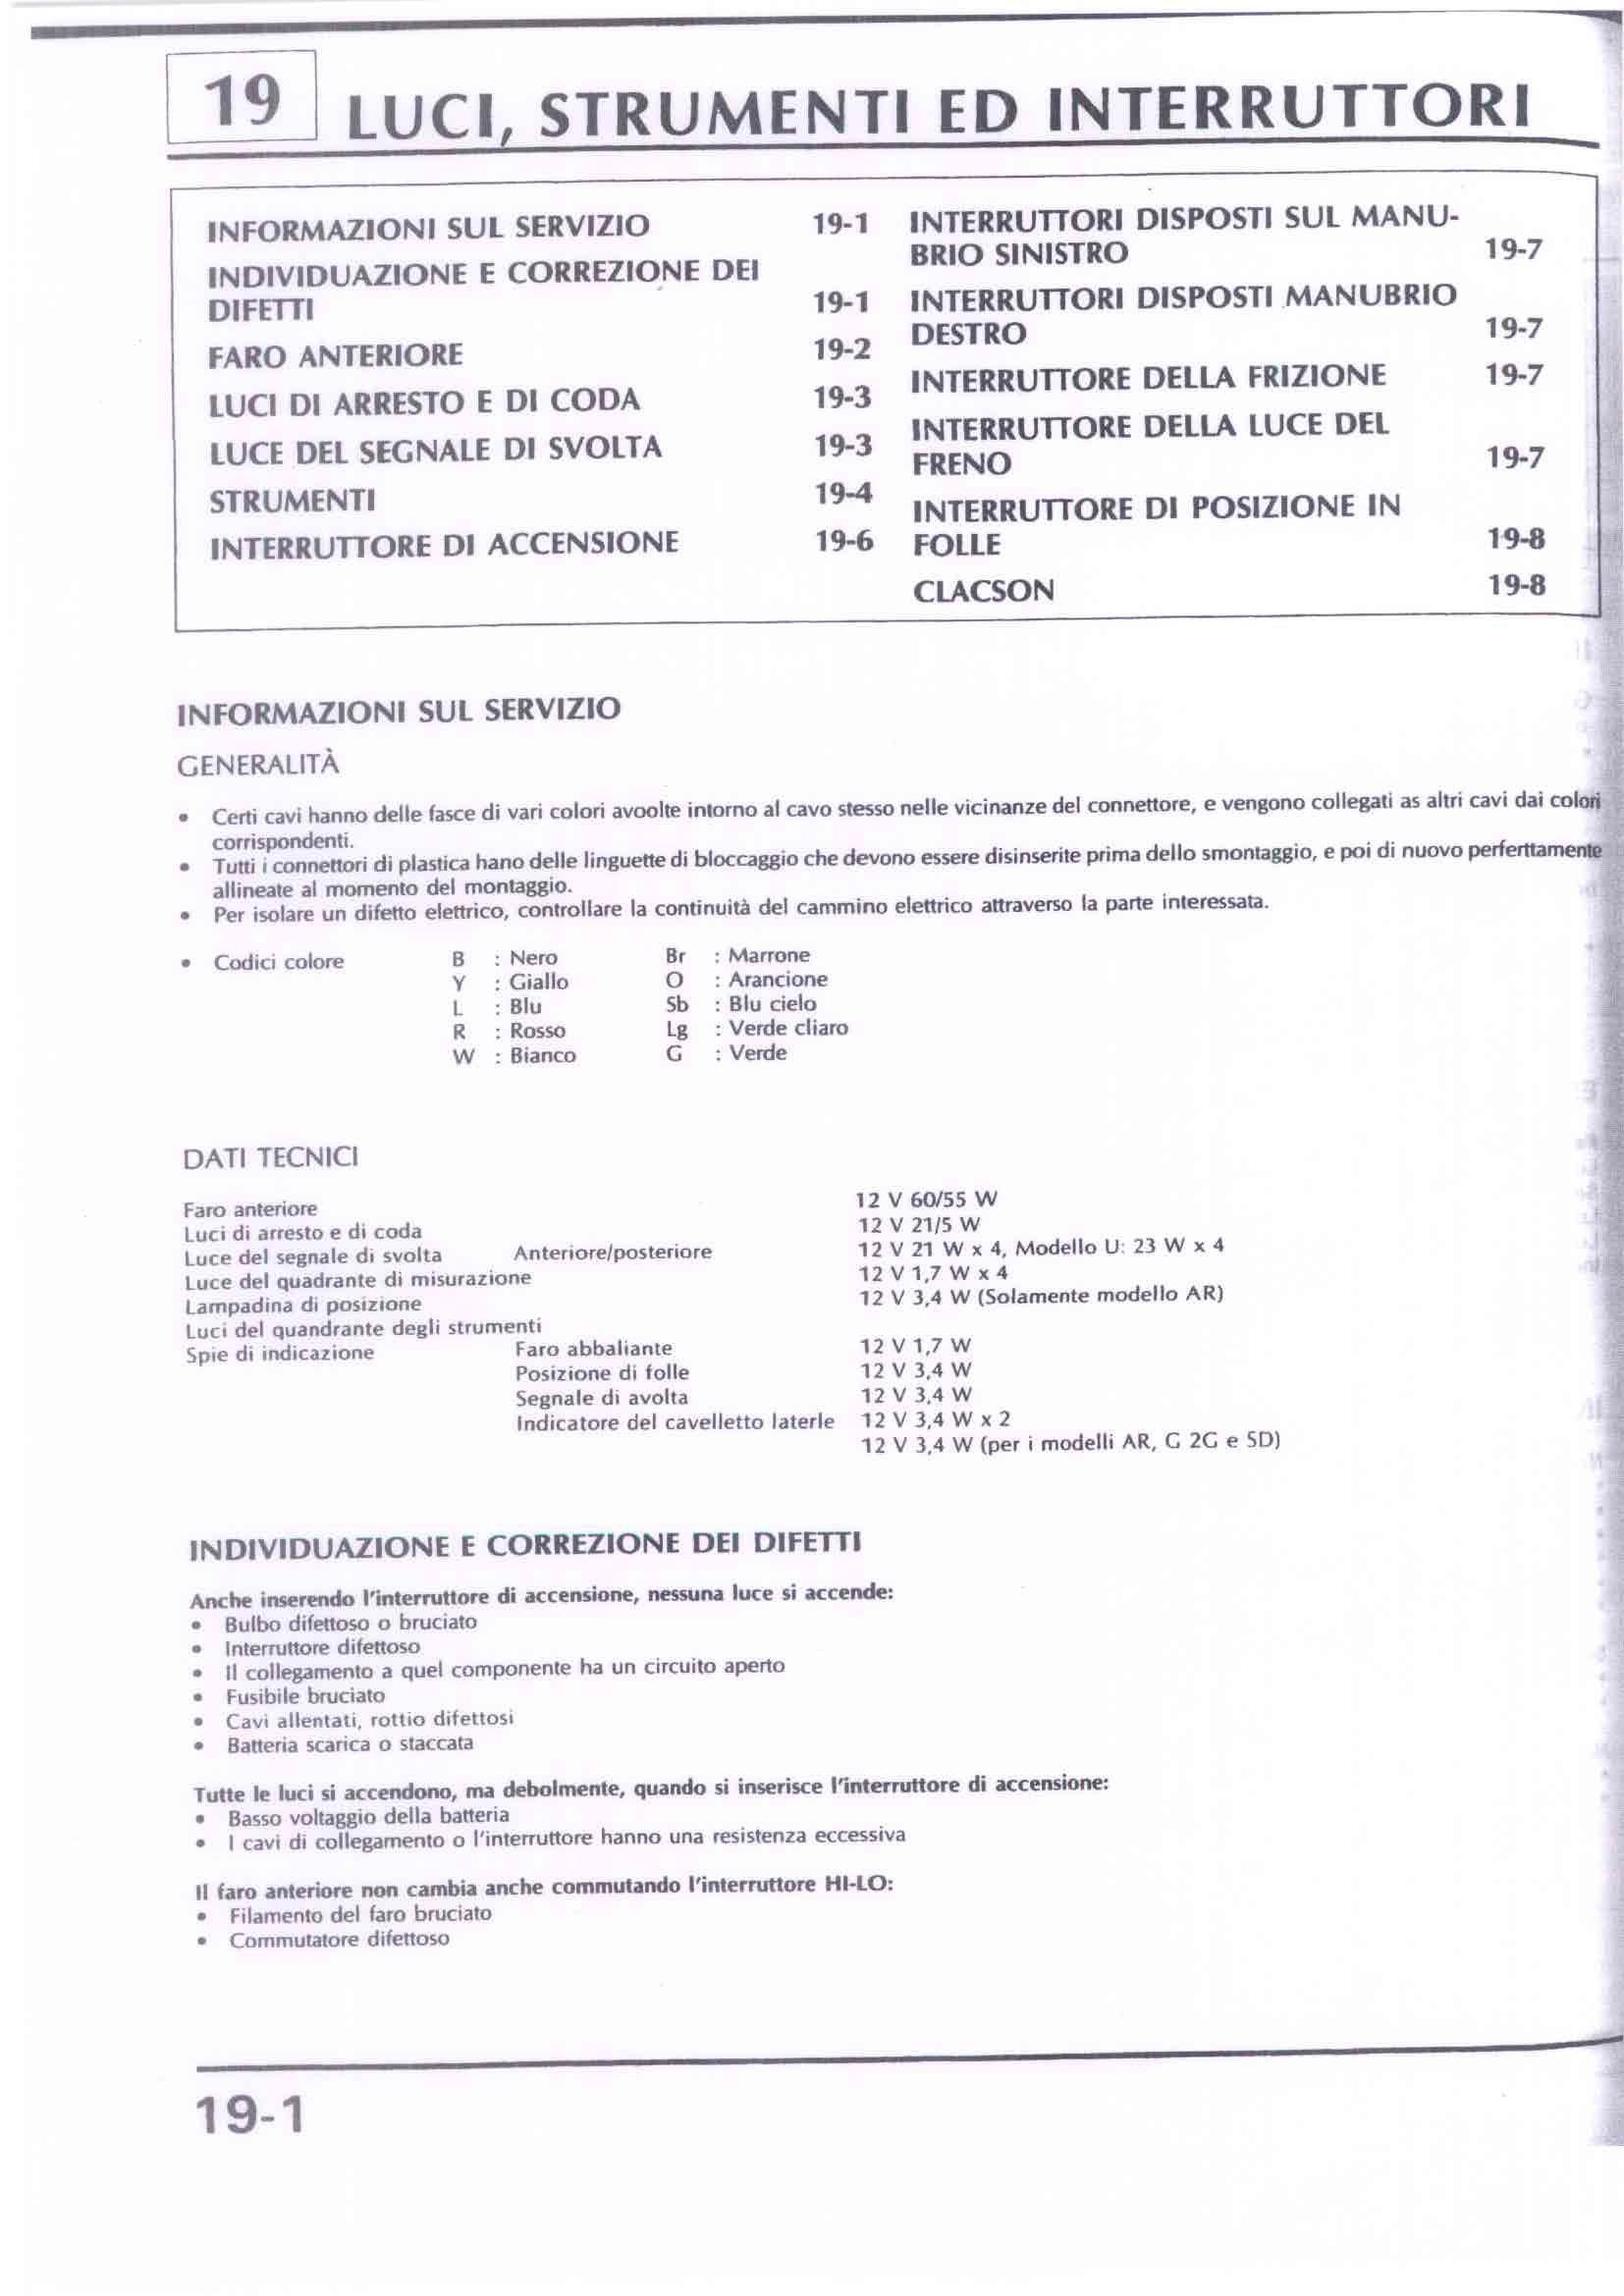 Capitolo19-Luci strumenti interruttori Pagina 01